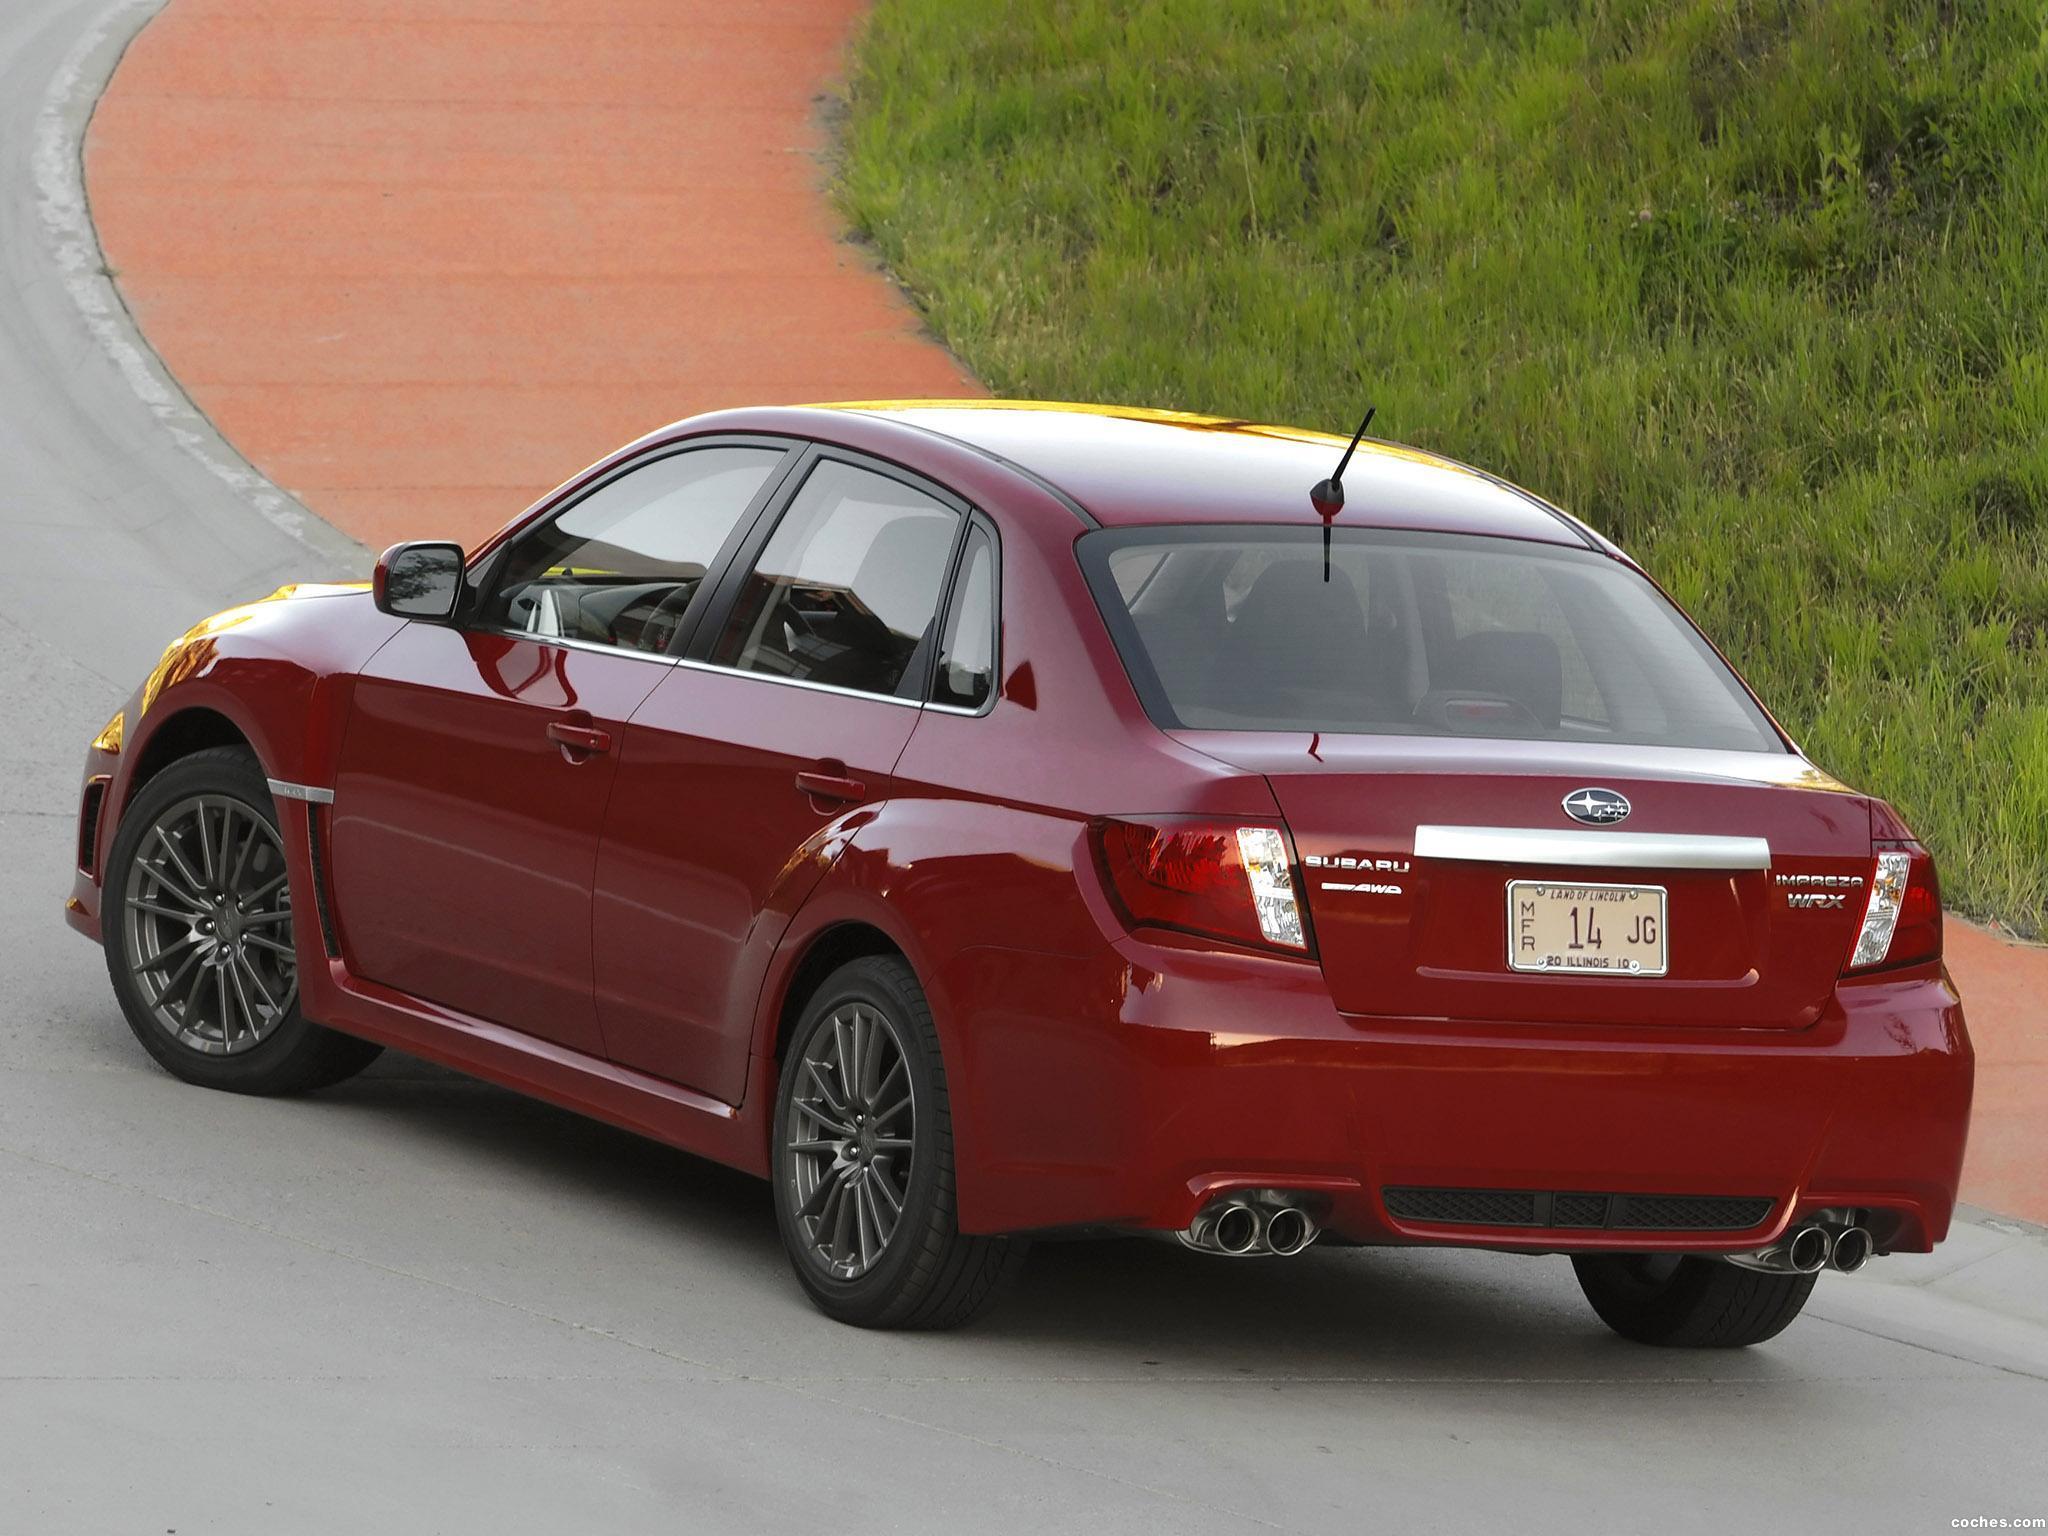 Foto 5 de Subaru Impreza WRX Sedan USA 2010